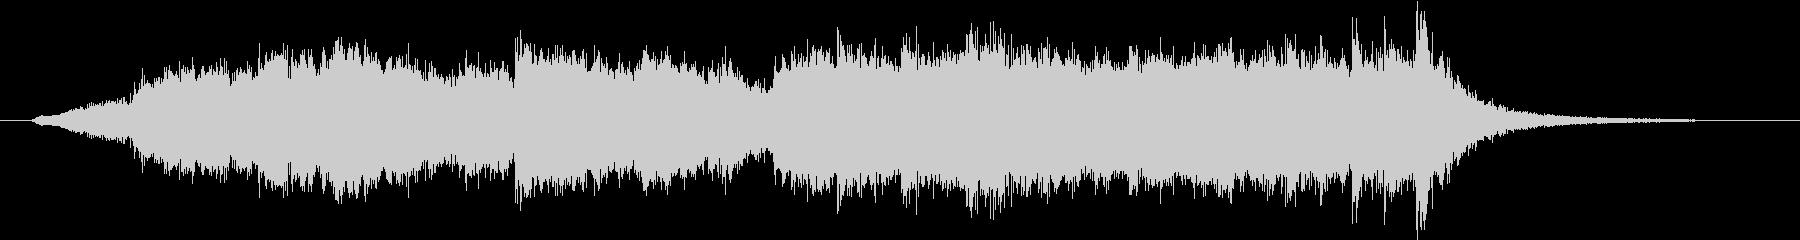 オーケストラファンファーレの未再生の波形